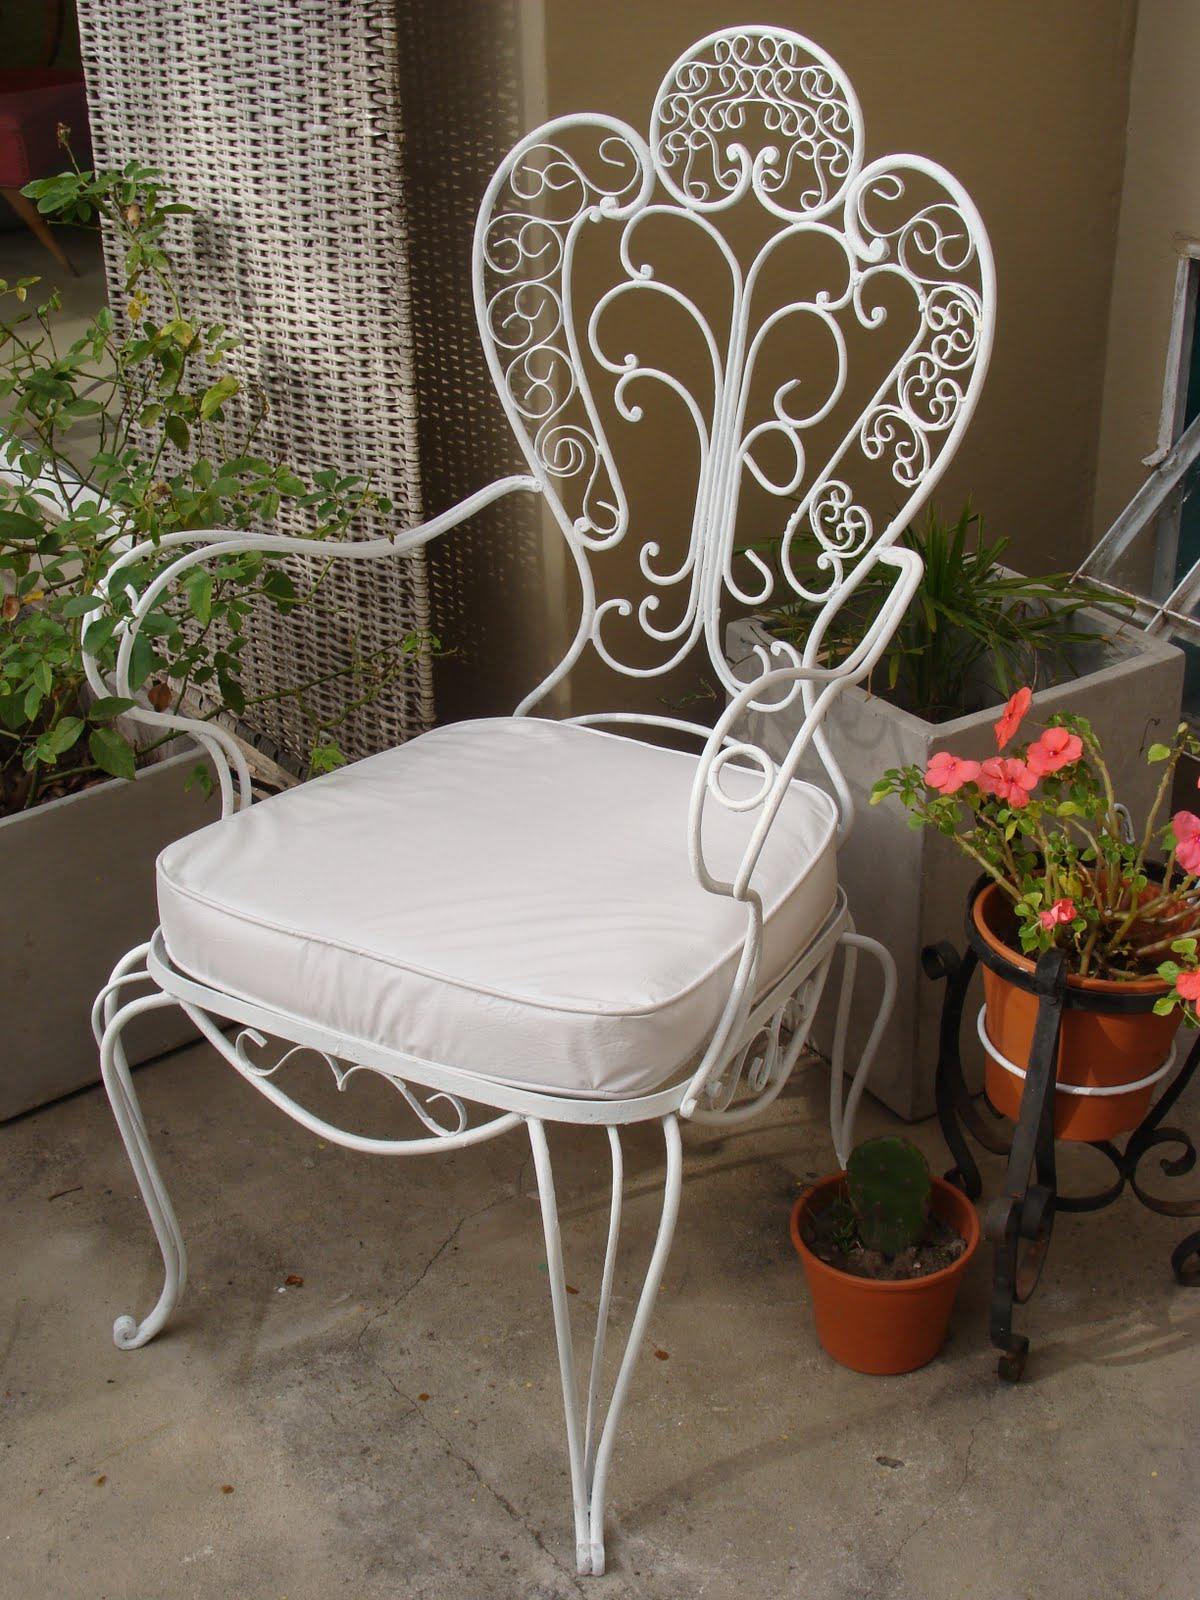 So glittering la silla de hierro forjado for Modelos de sillas de hierro